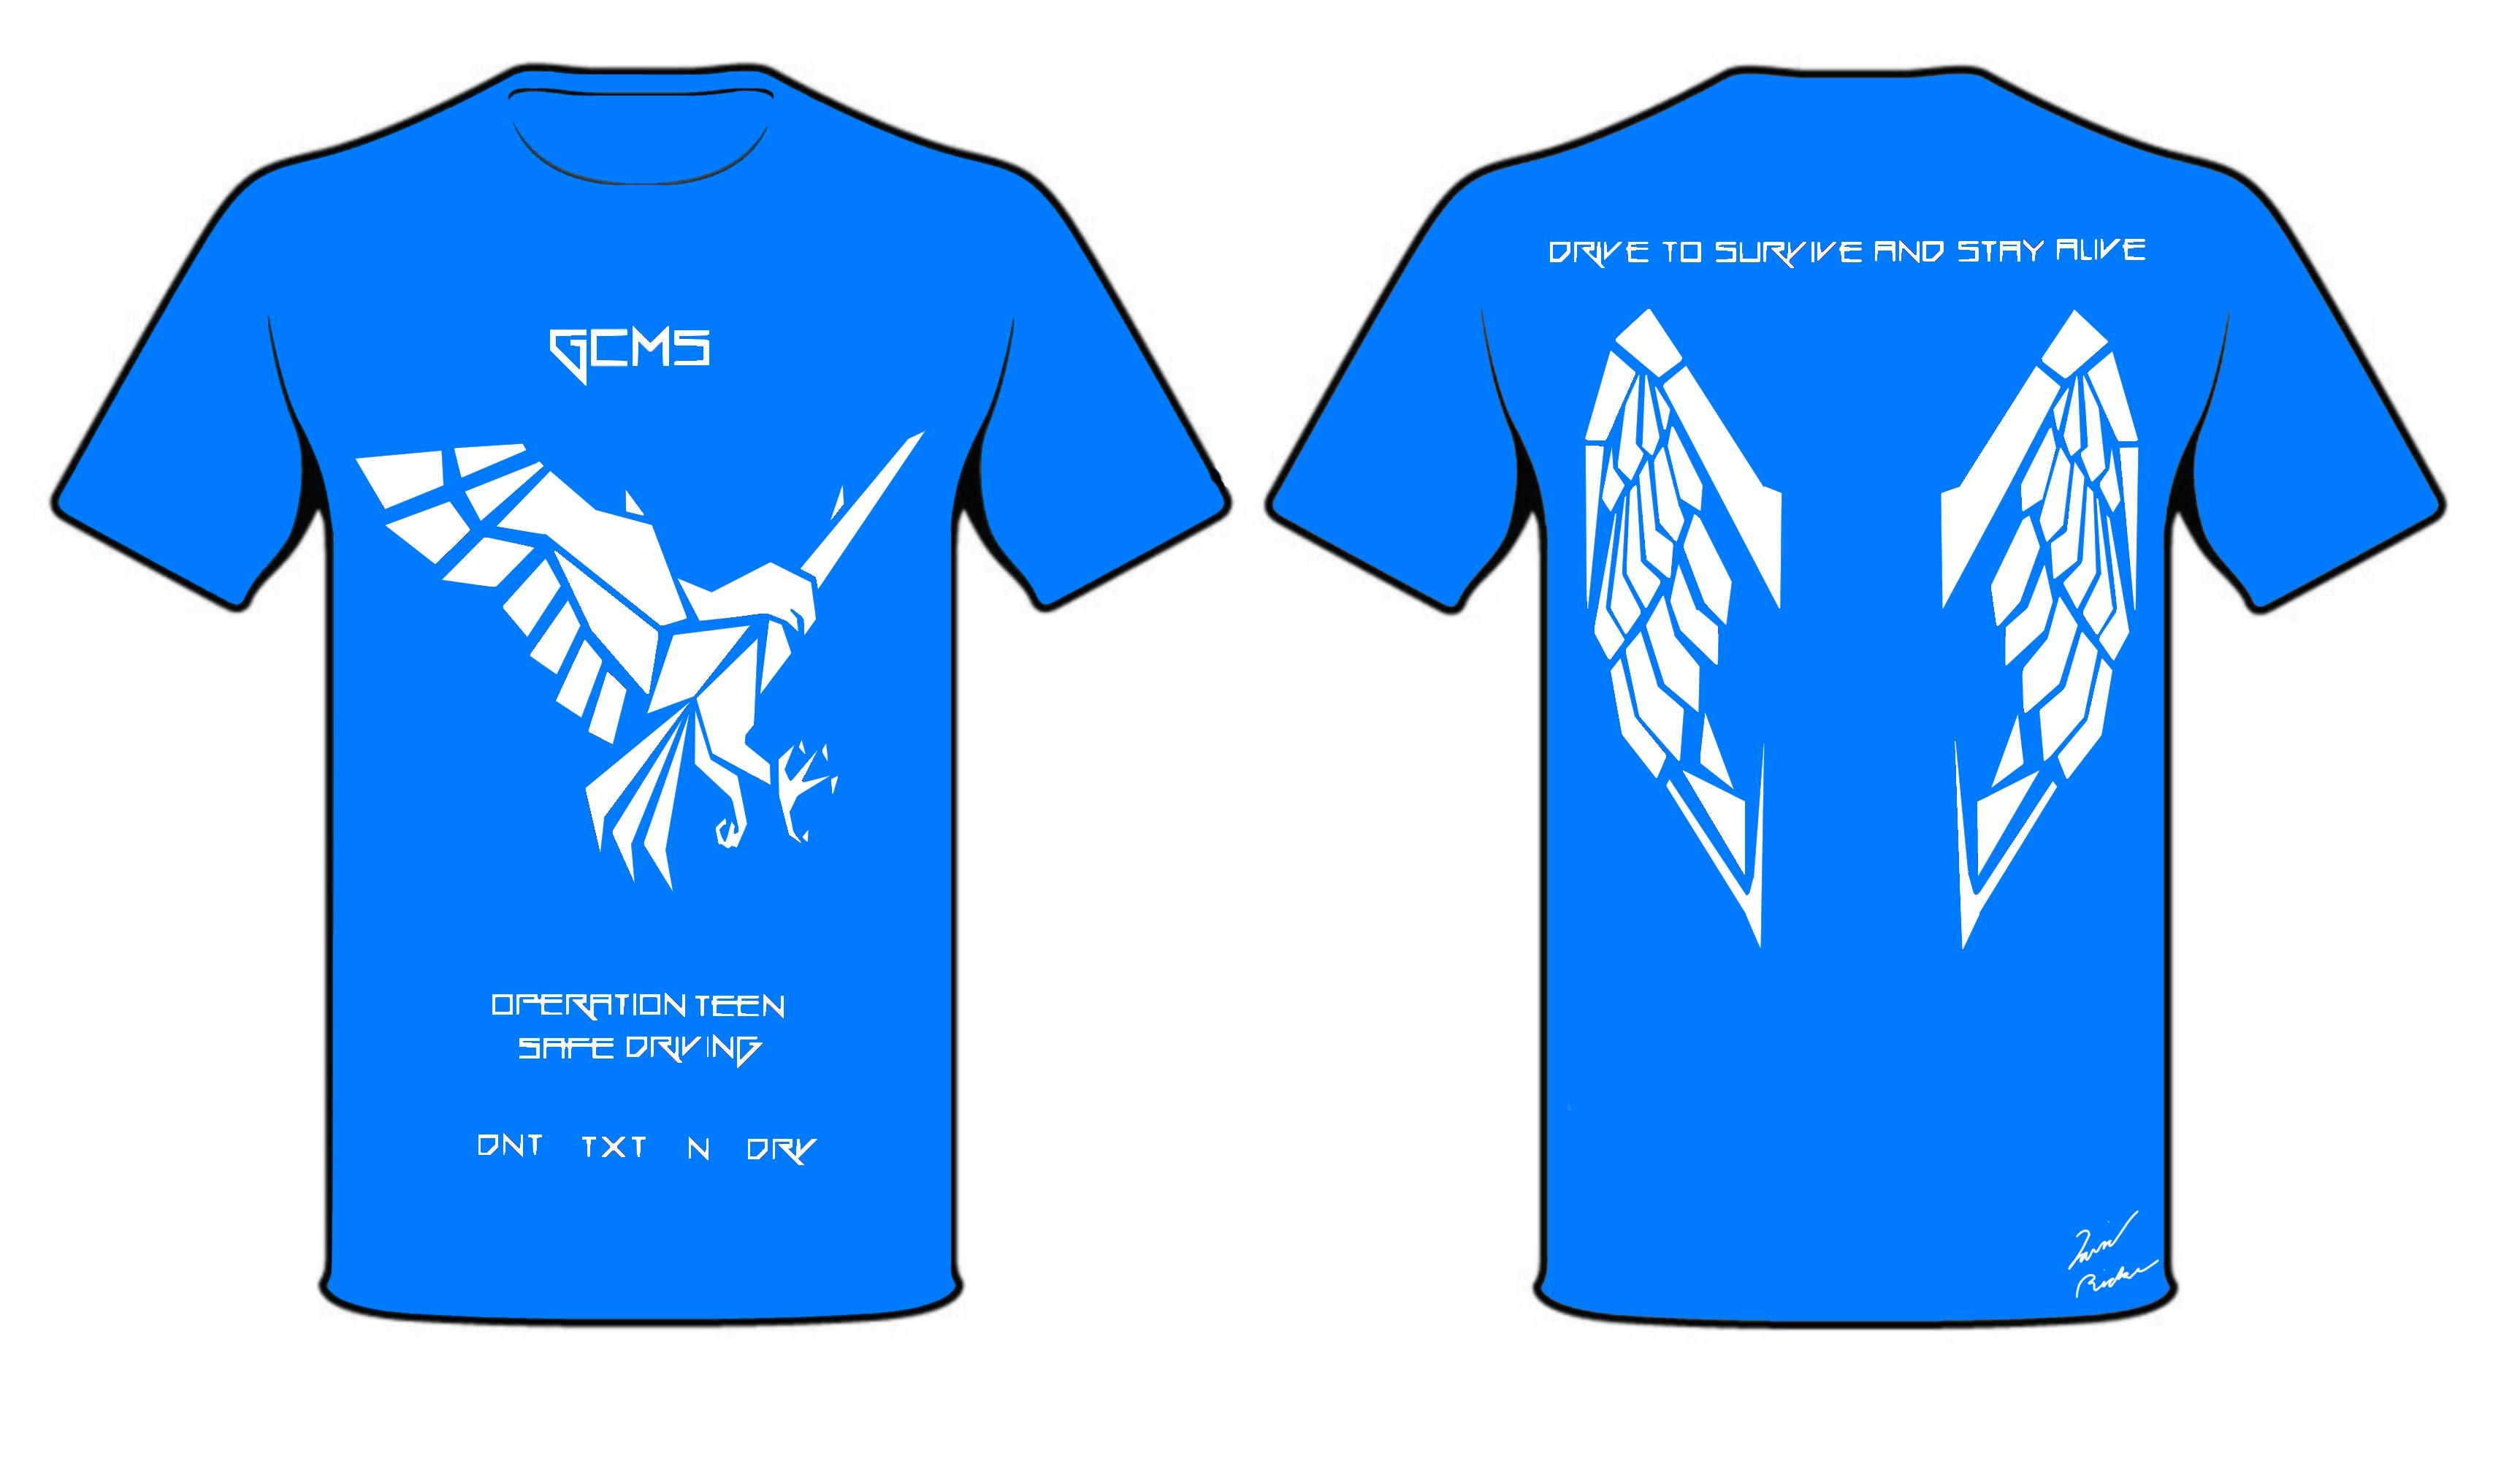 10 Stunning School T Shirt Design Ideas t shirt design ideas for schools home on high school t shirt apparel 2021